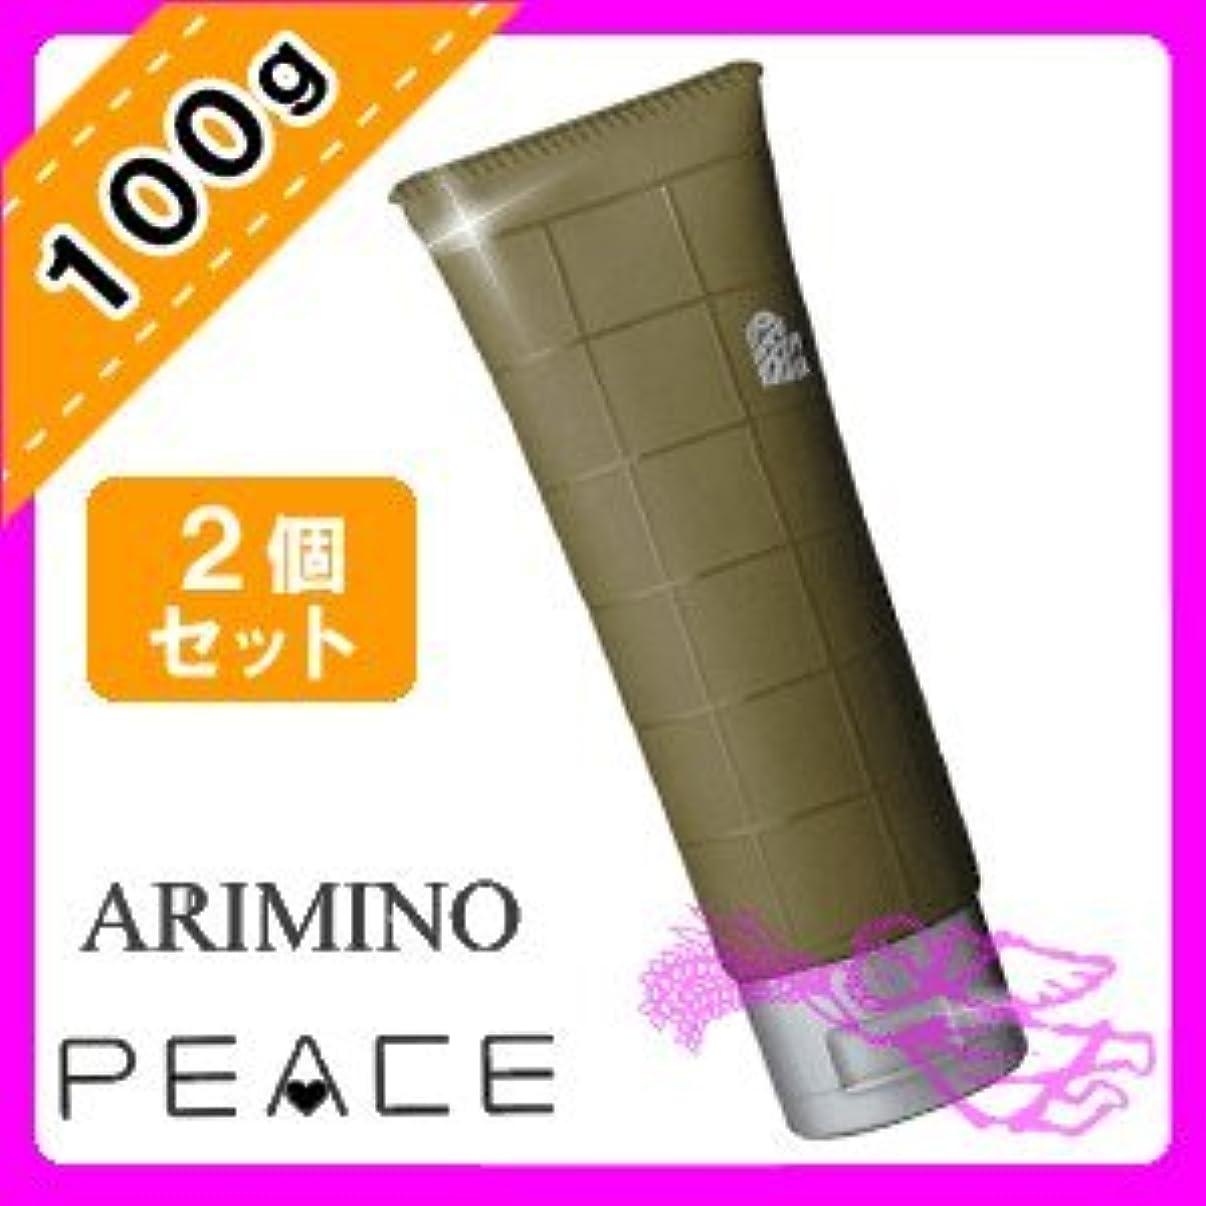 まとめるボアネイティブアリミノ ピース ウェットオイル ワックス 100g ×2個セット arimino PEACE